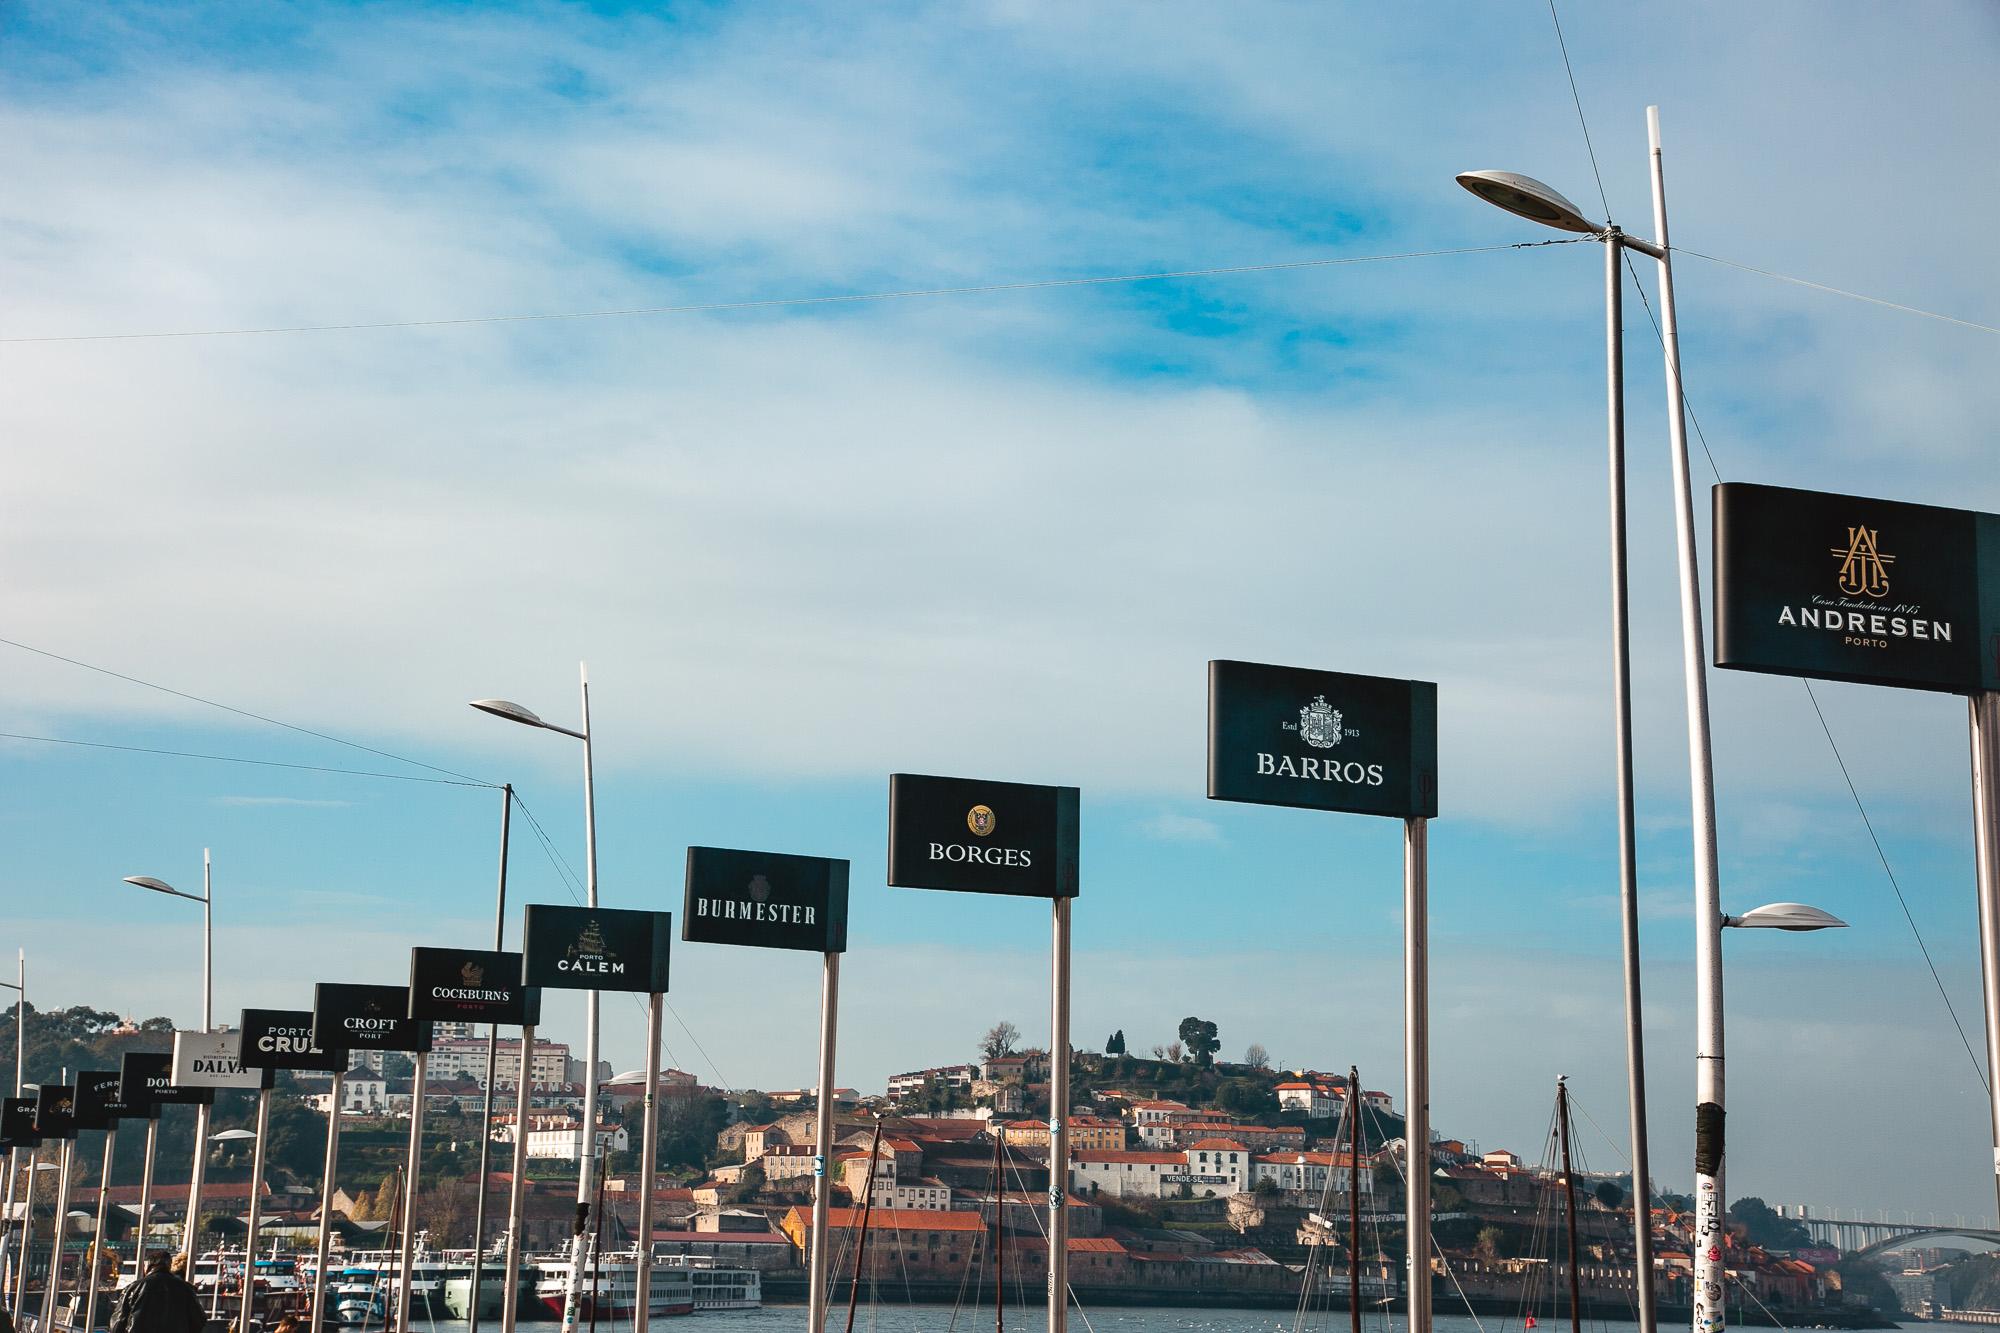 Avenida de Diogo Leite, Porto, Portugal - A one day Travel Guide on The Adagio Blog, by Thais FK